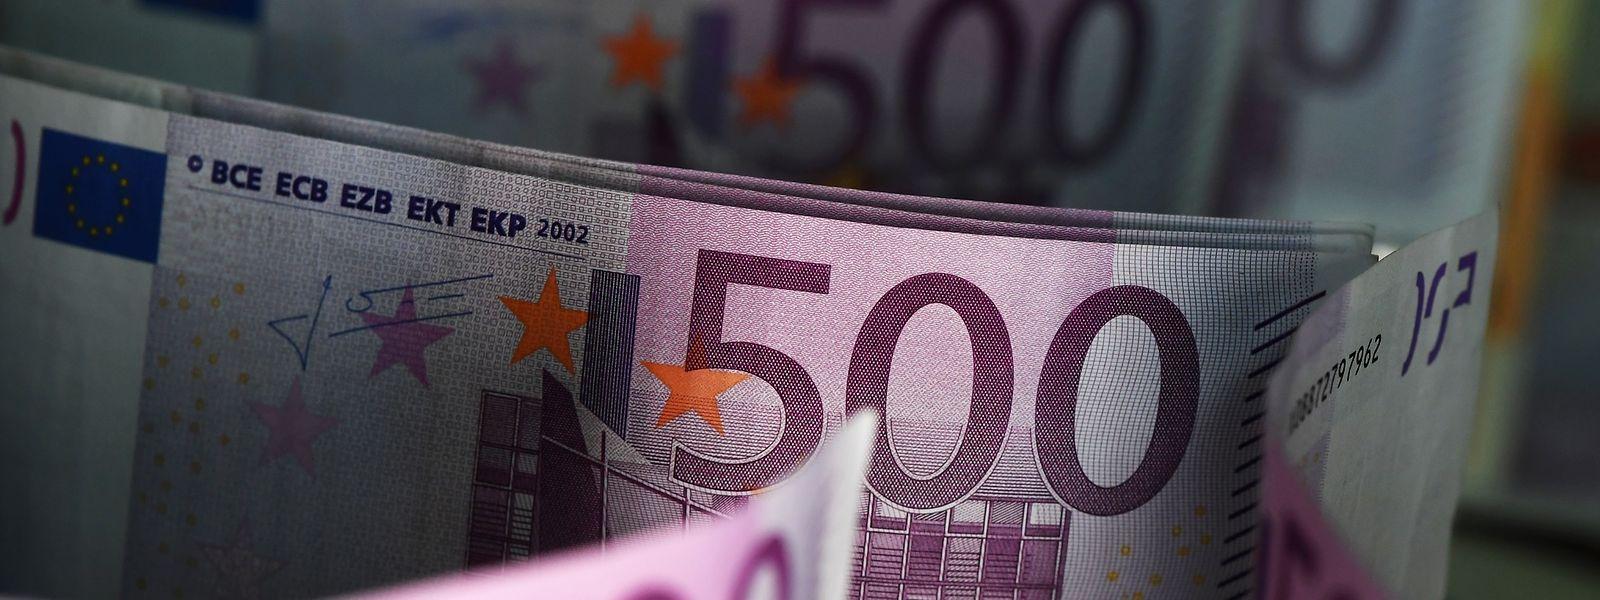 Aus und vorbei: Die lilafarbene Banknote wird nach und nach aus dem Verkehr gezogen.